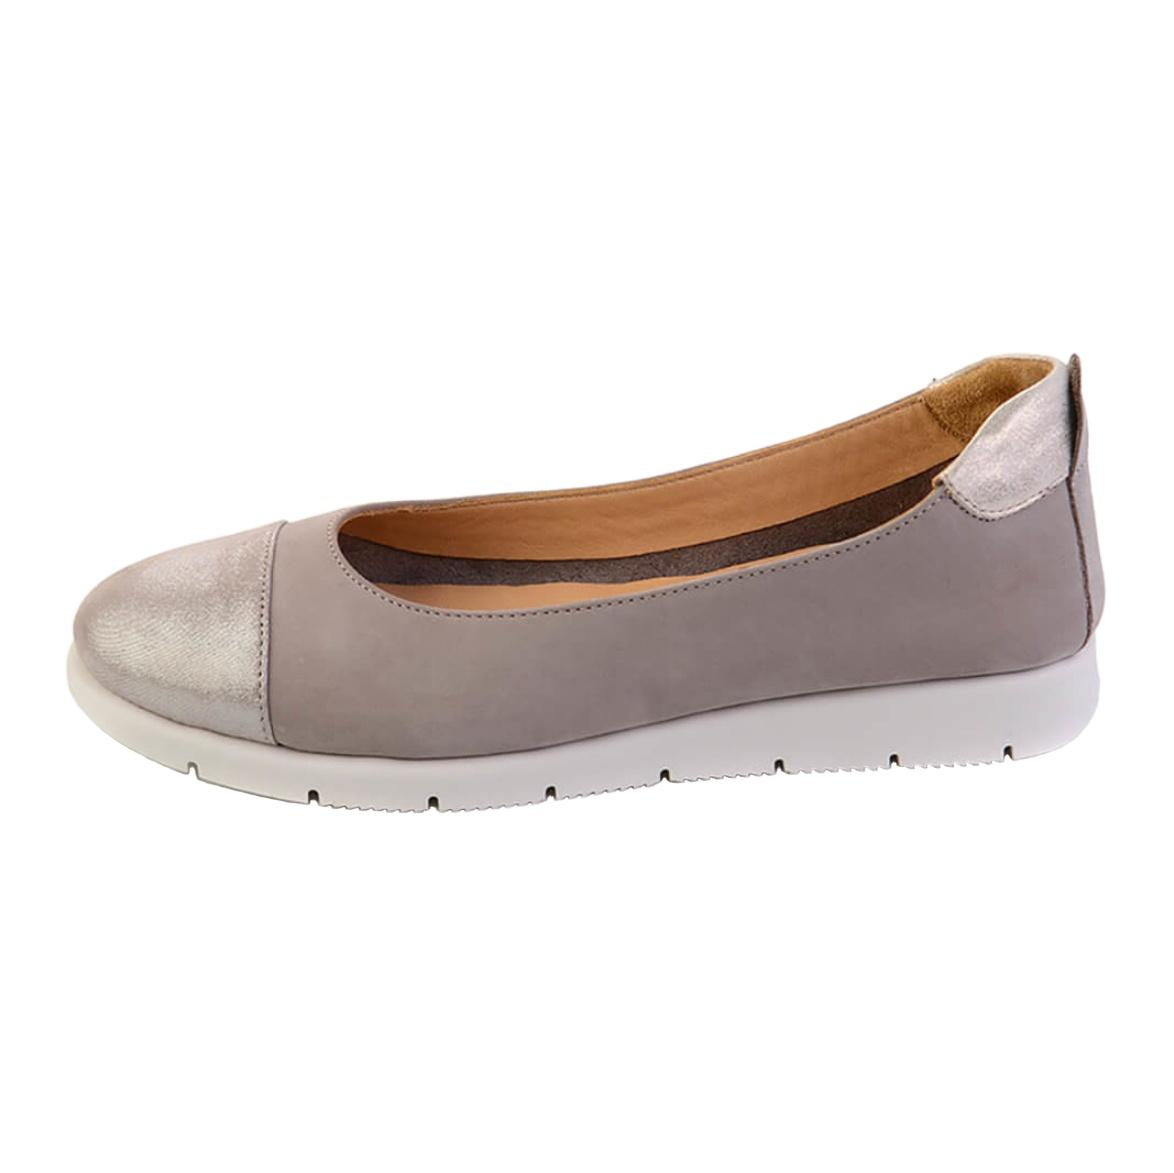 کفش زنانه بامبی کد F0311802501